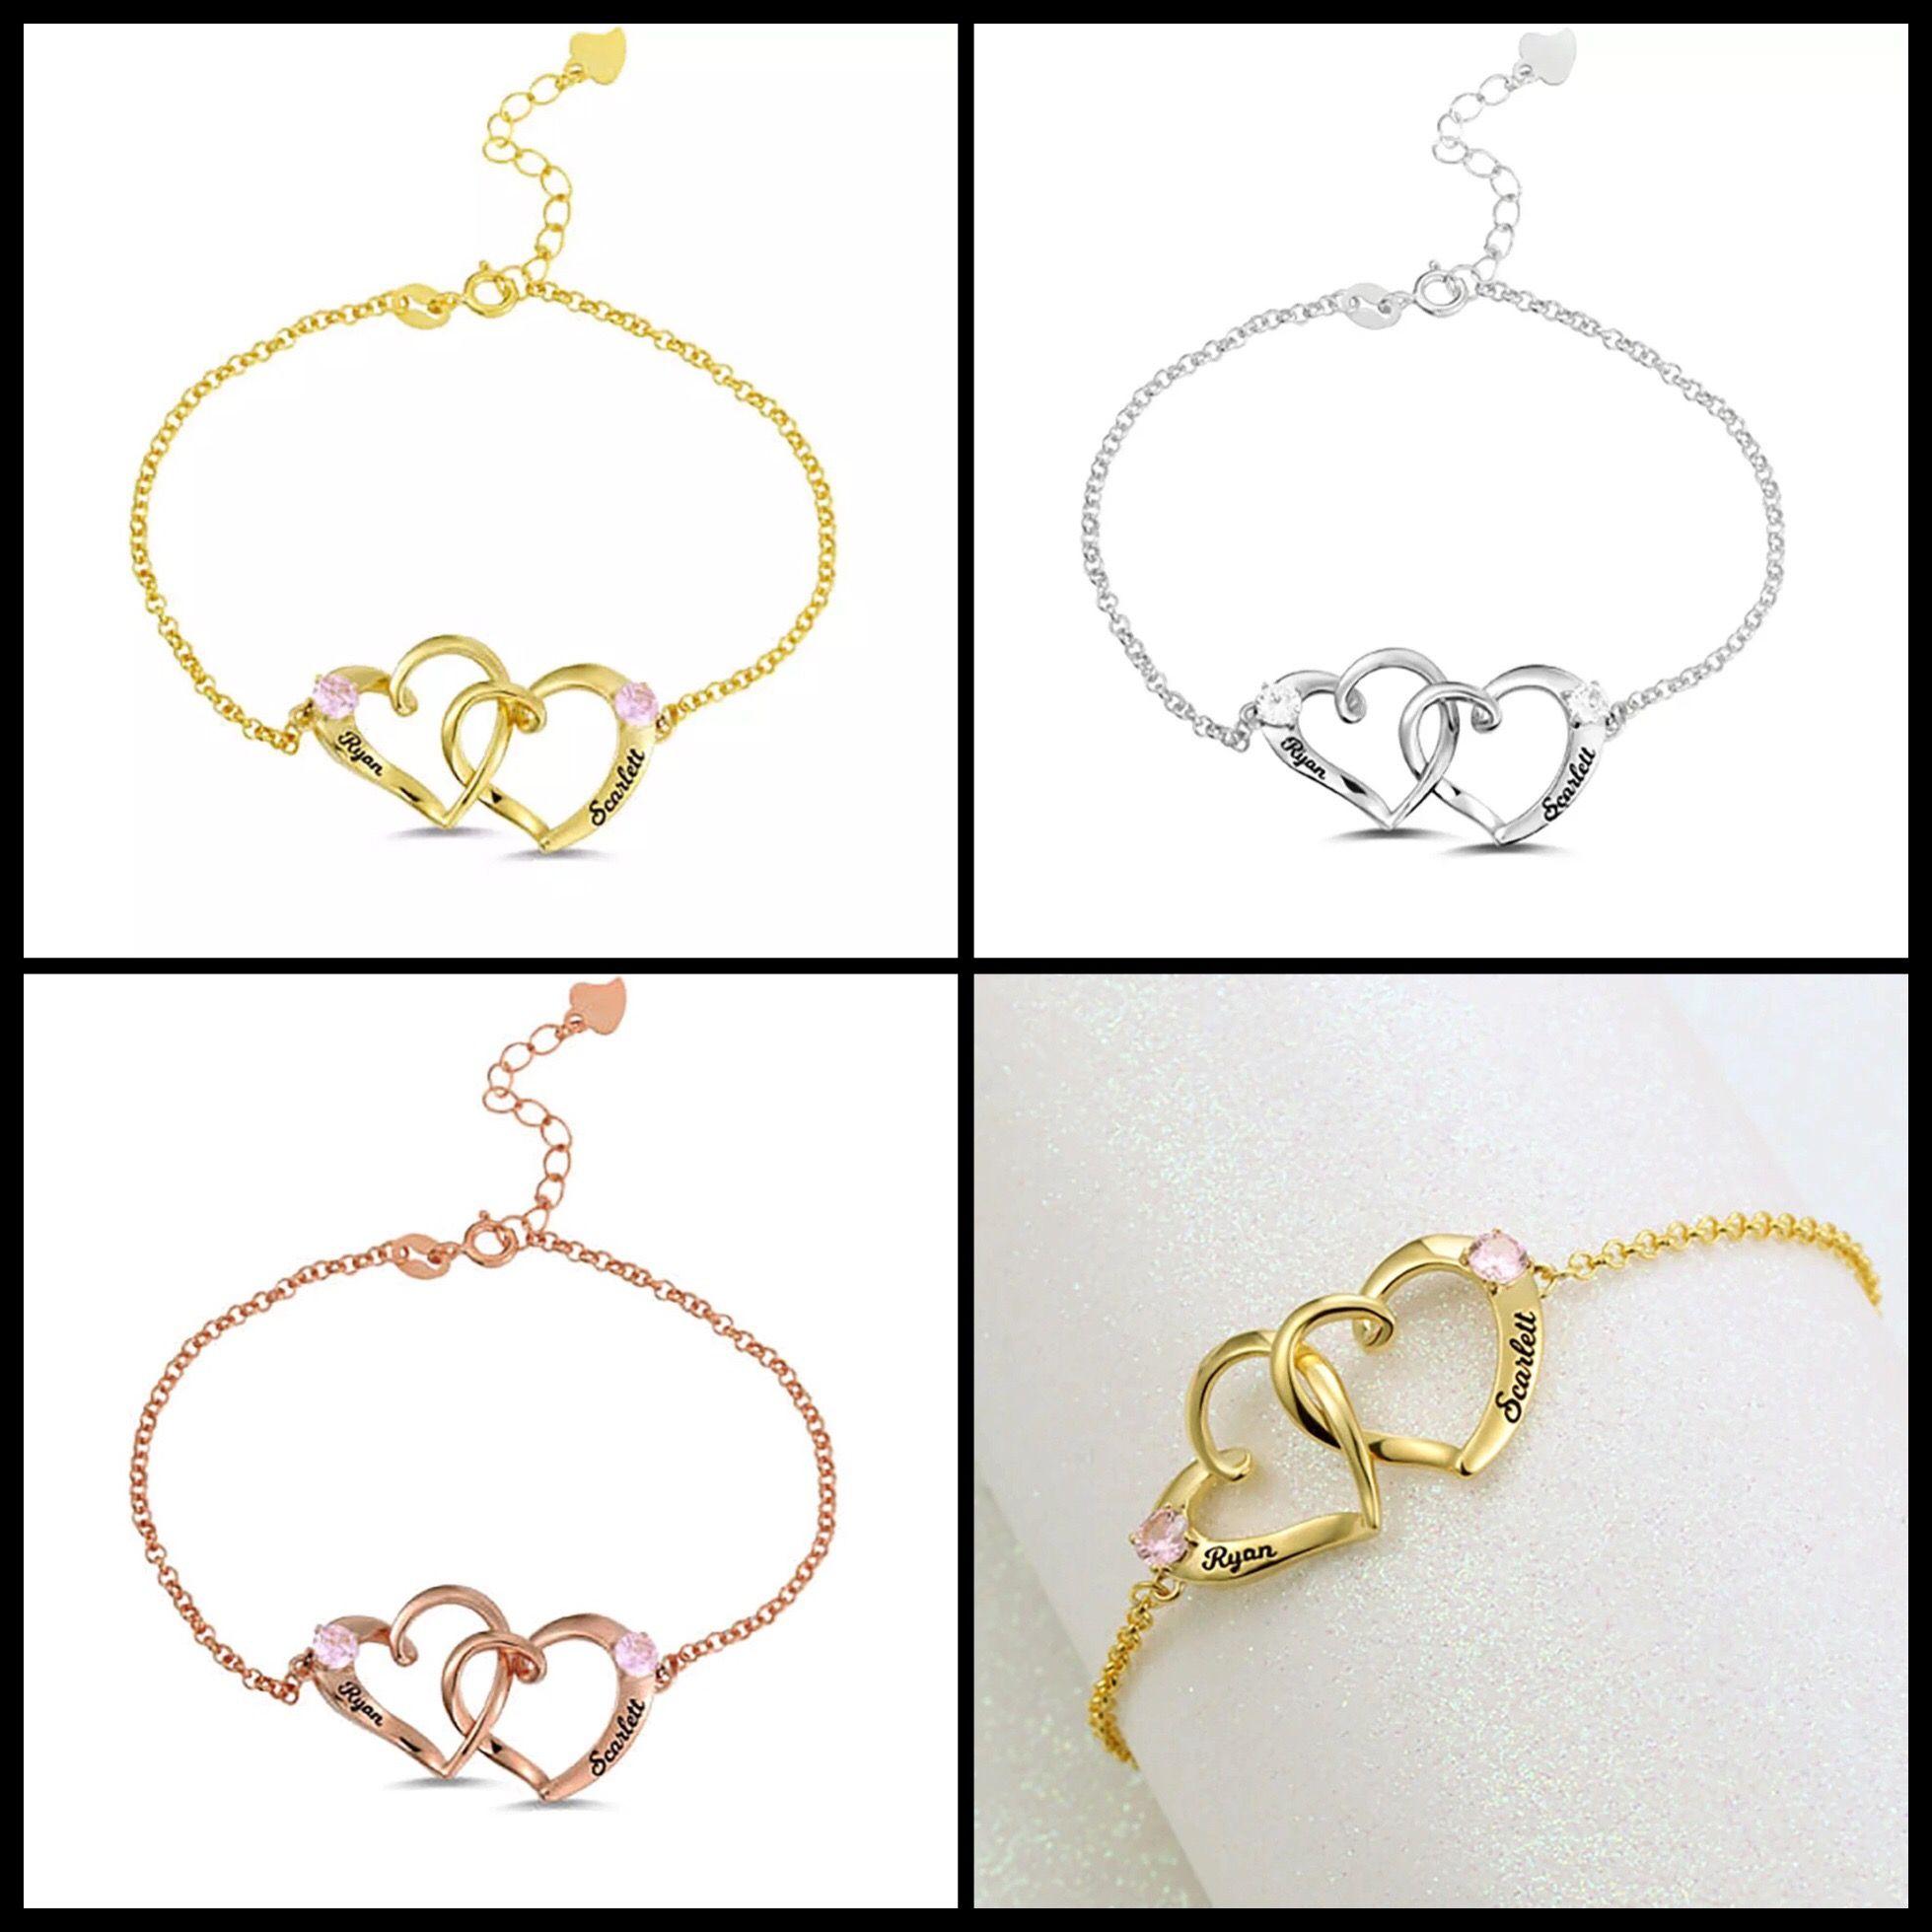 Personnalisé Couple nom bracelet St Valentin cadeau GF Pierre de naissance Bracelets